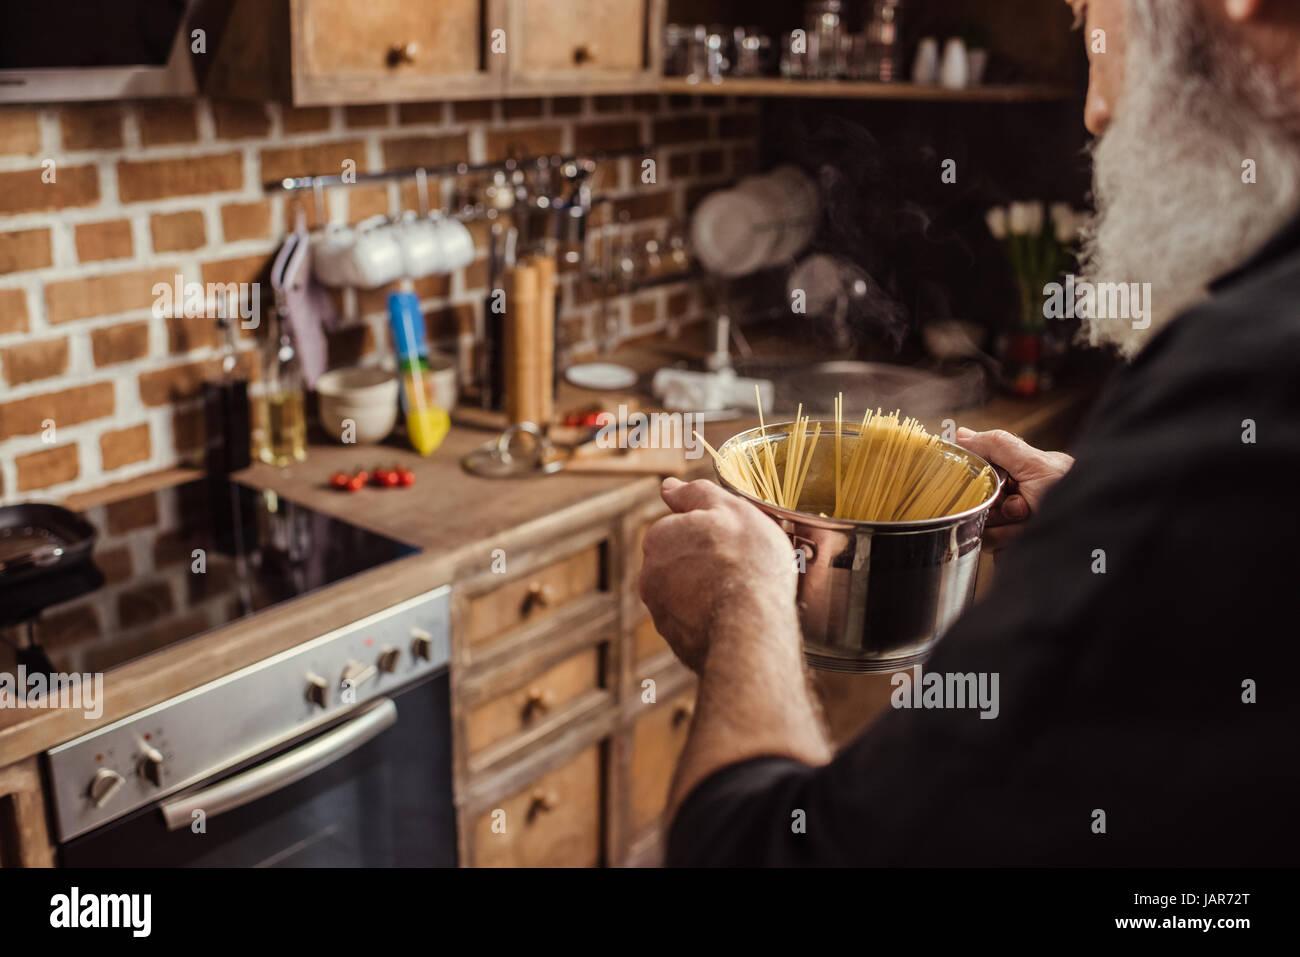 L'uomo cucinare gli spaghetti Immagini Stock